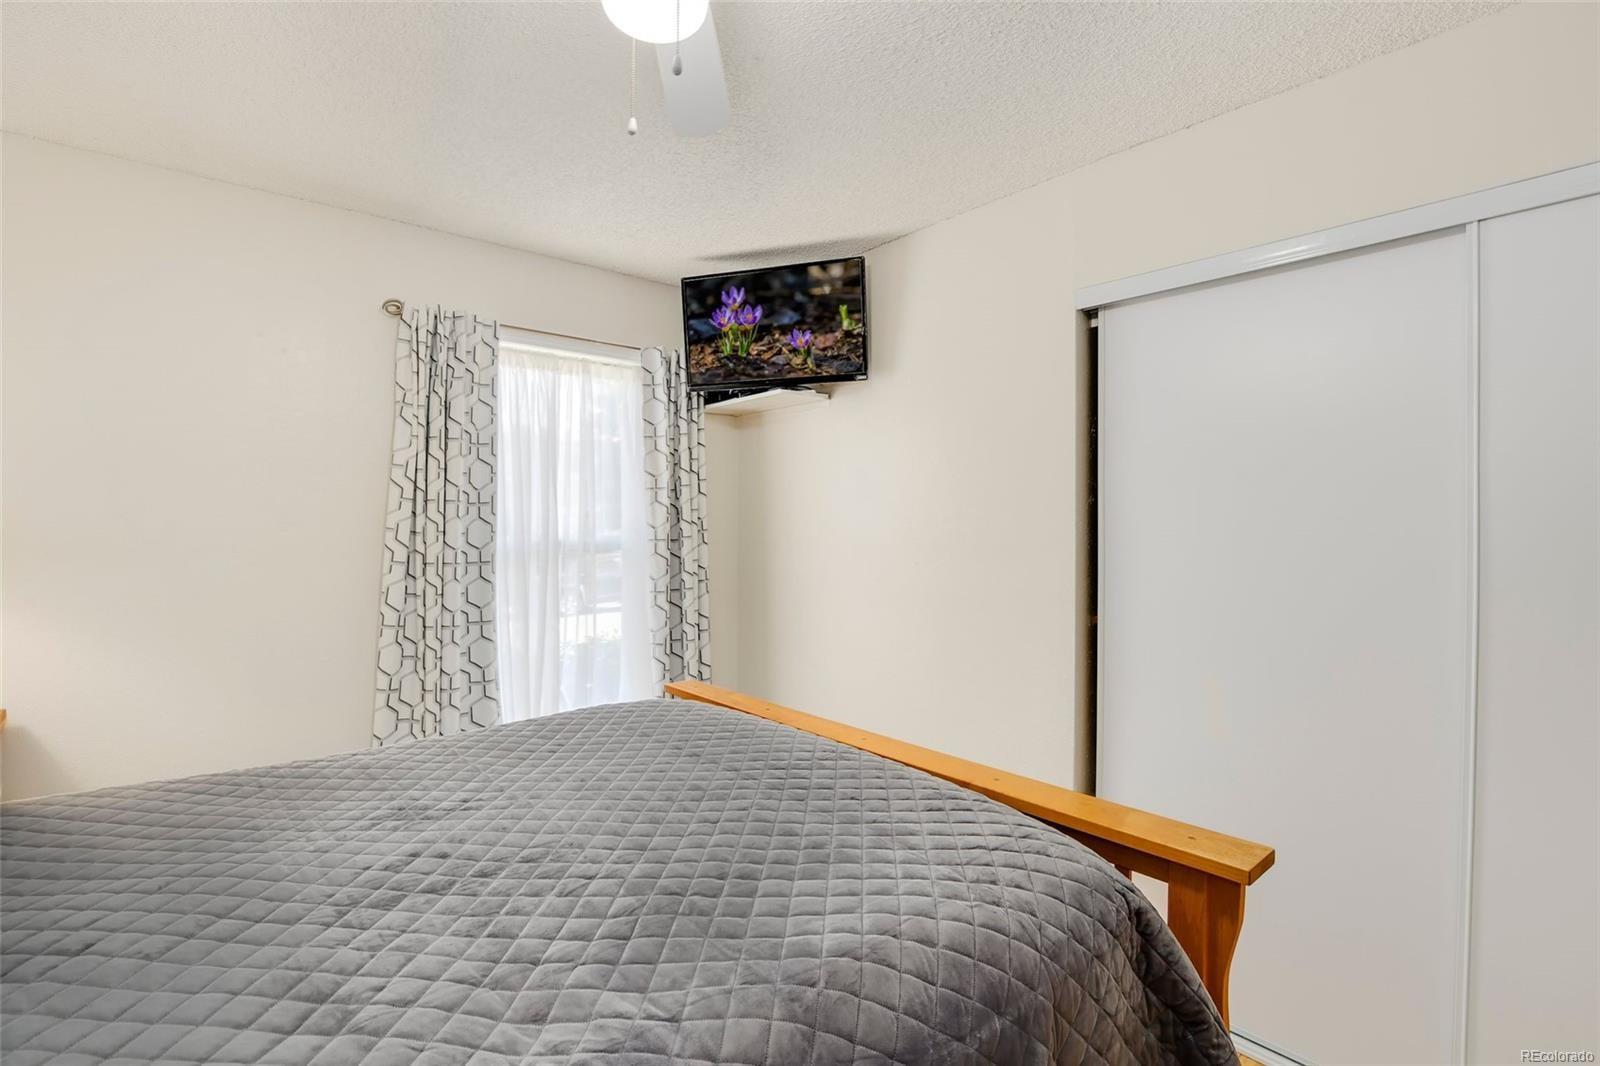 MLS# 3453445 - 14 - 2632 Ridge Drive, Broomfield, CO 80020